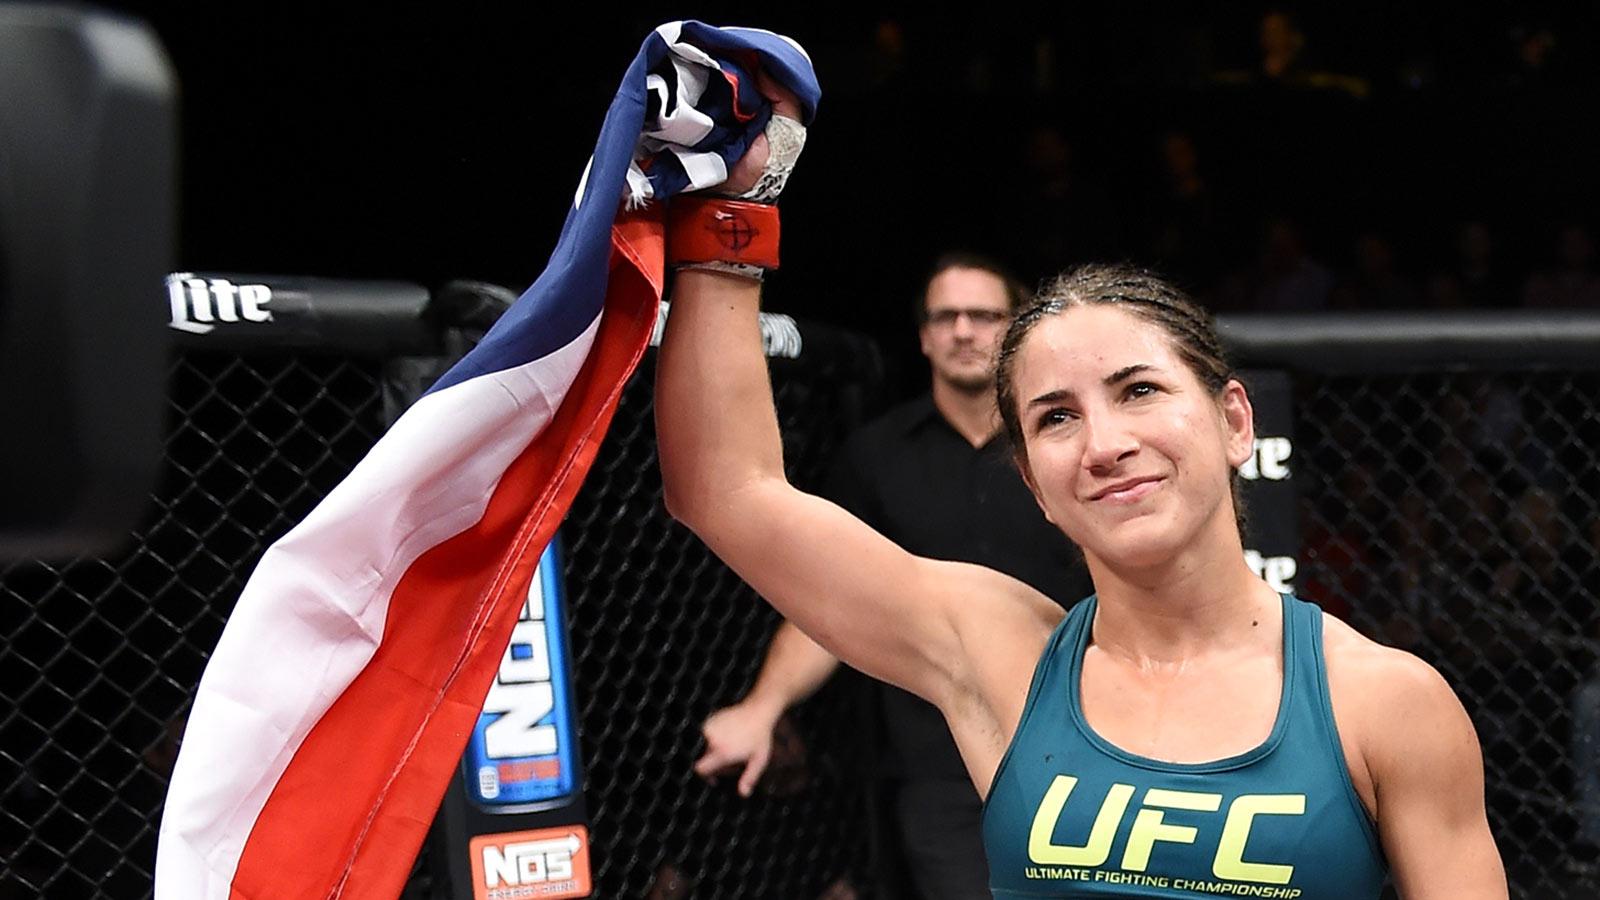 061315-UFC-188-victory-Tecia-Torres-pi-ssm